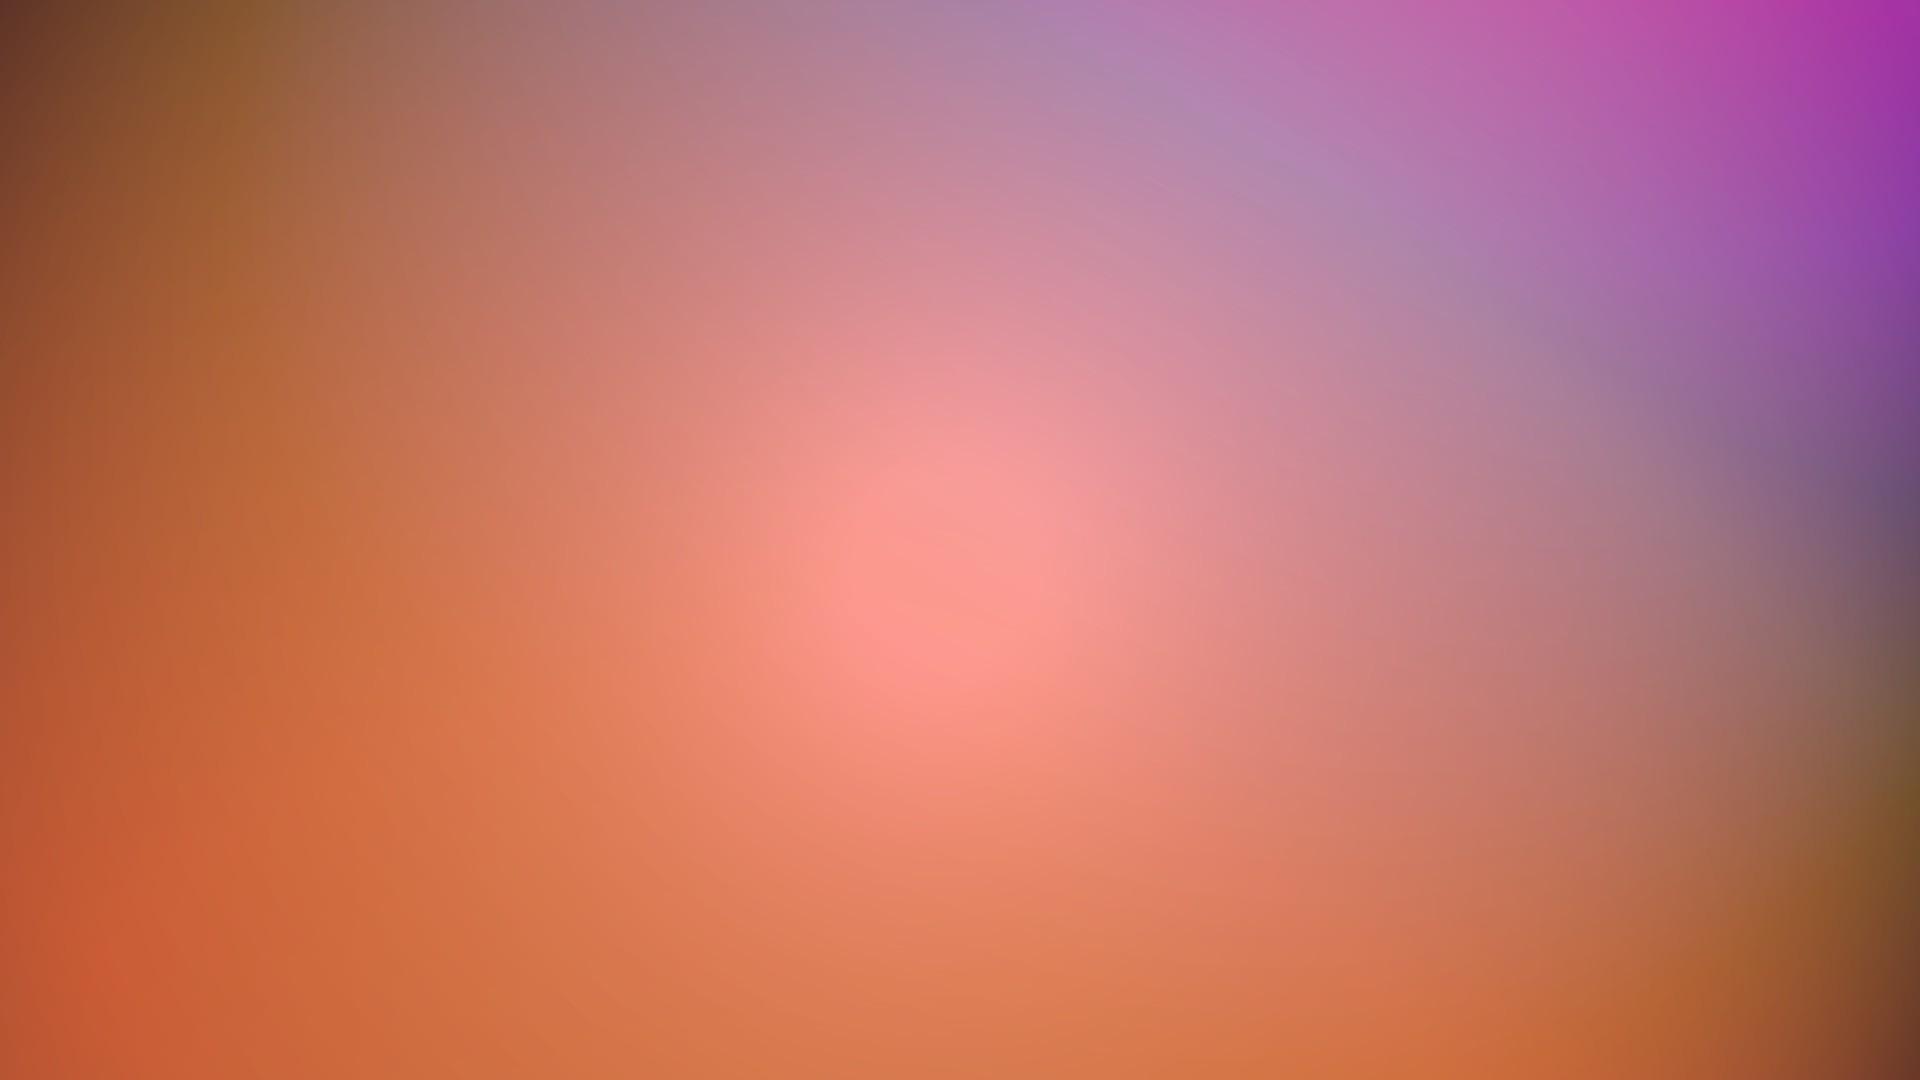 фоны однотонные картинки пнг самая